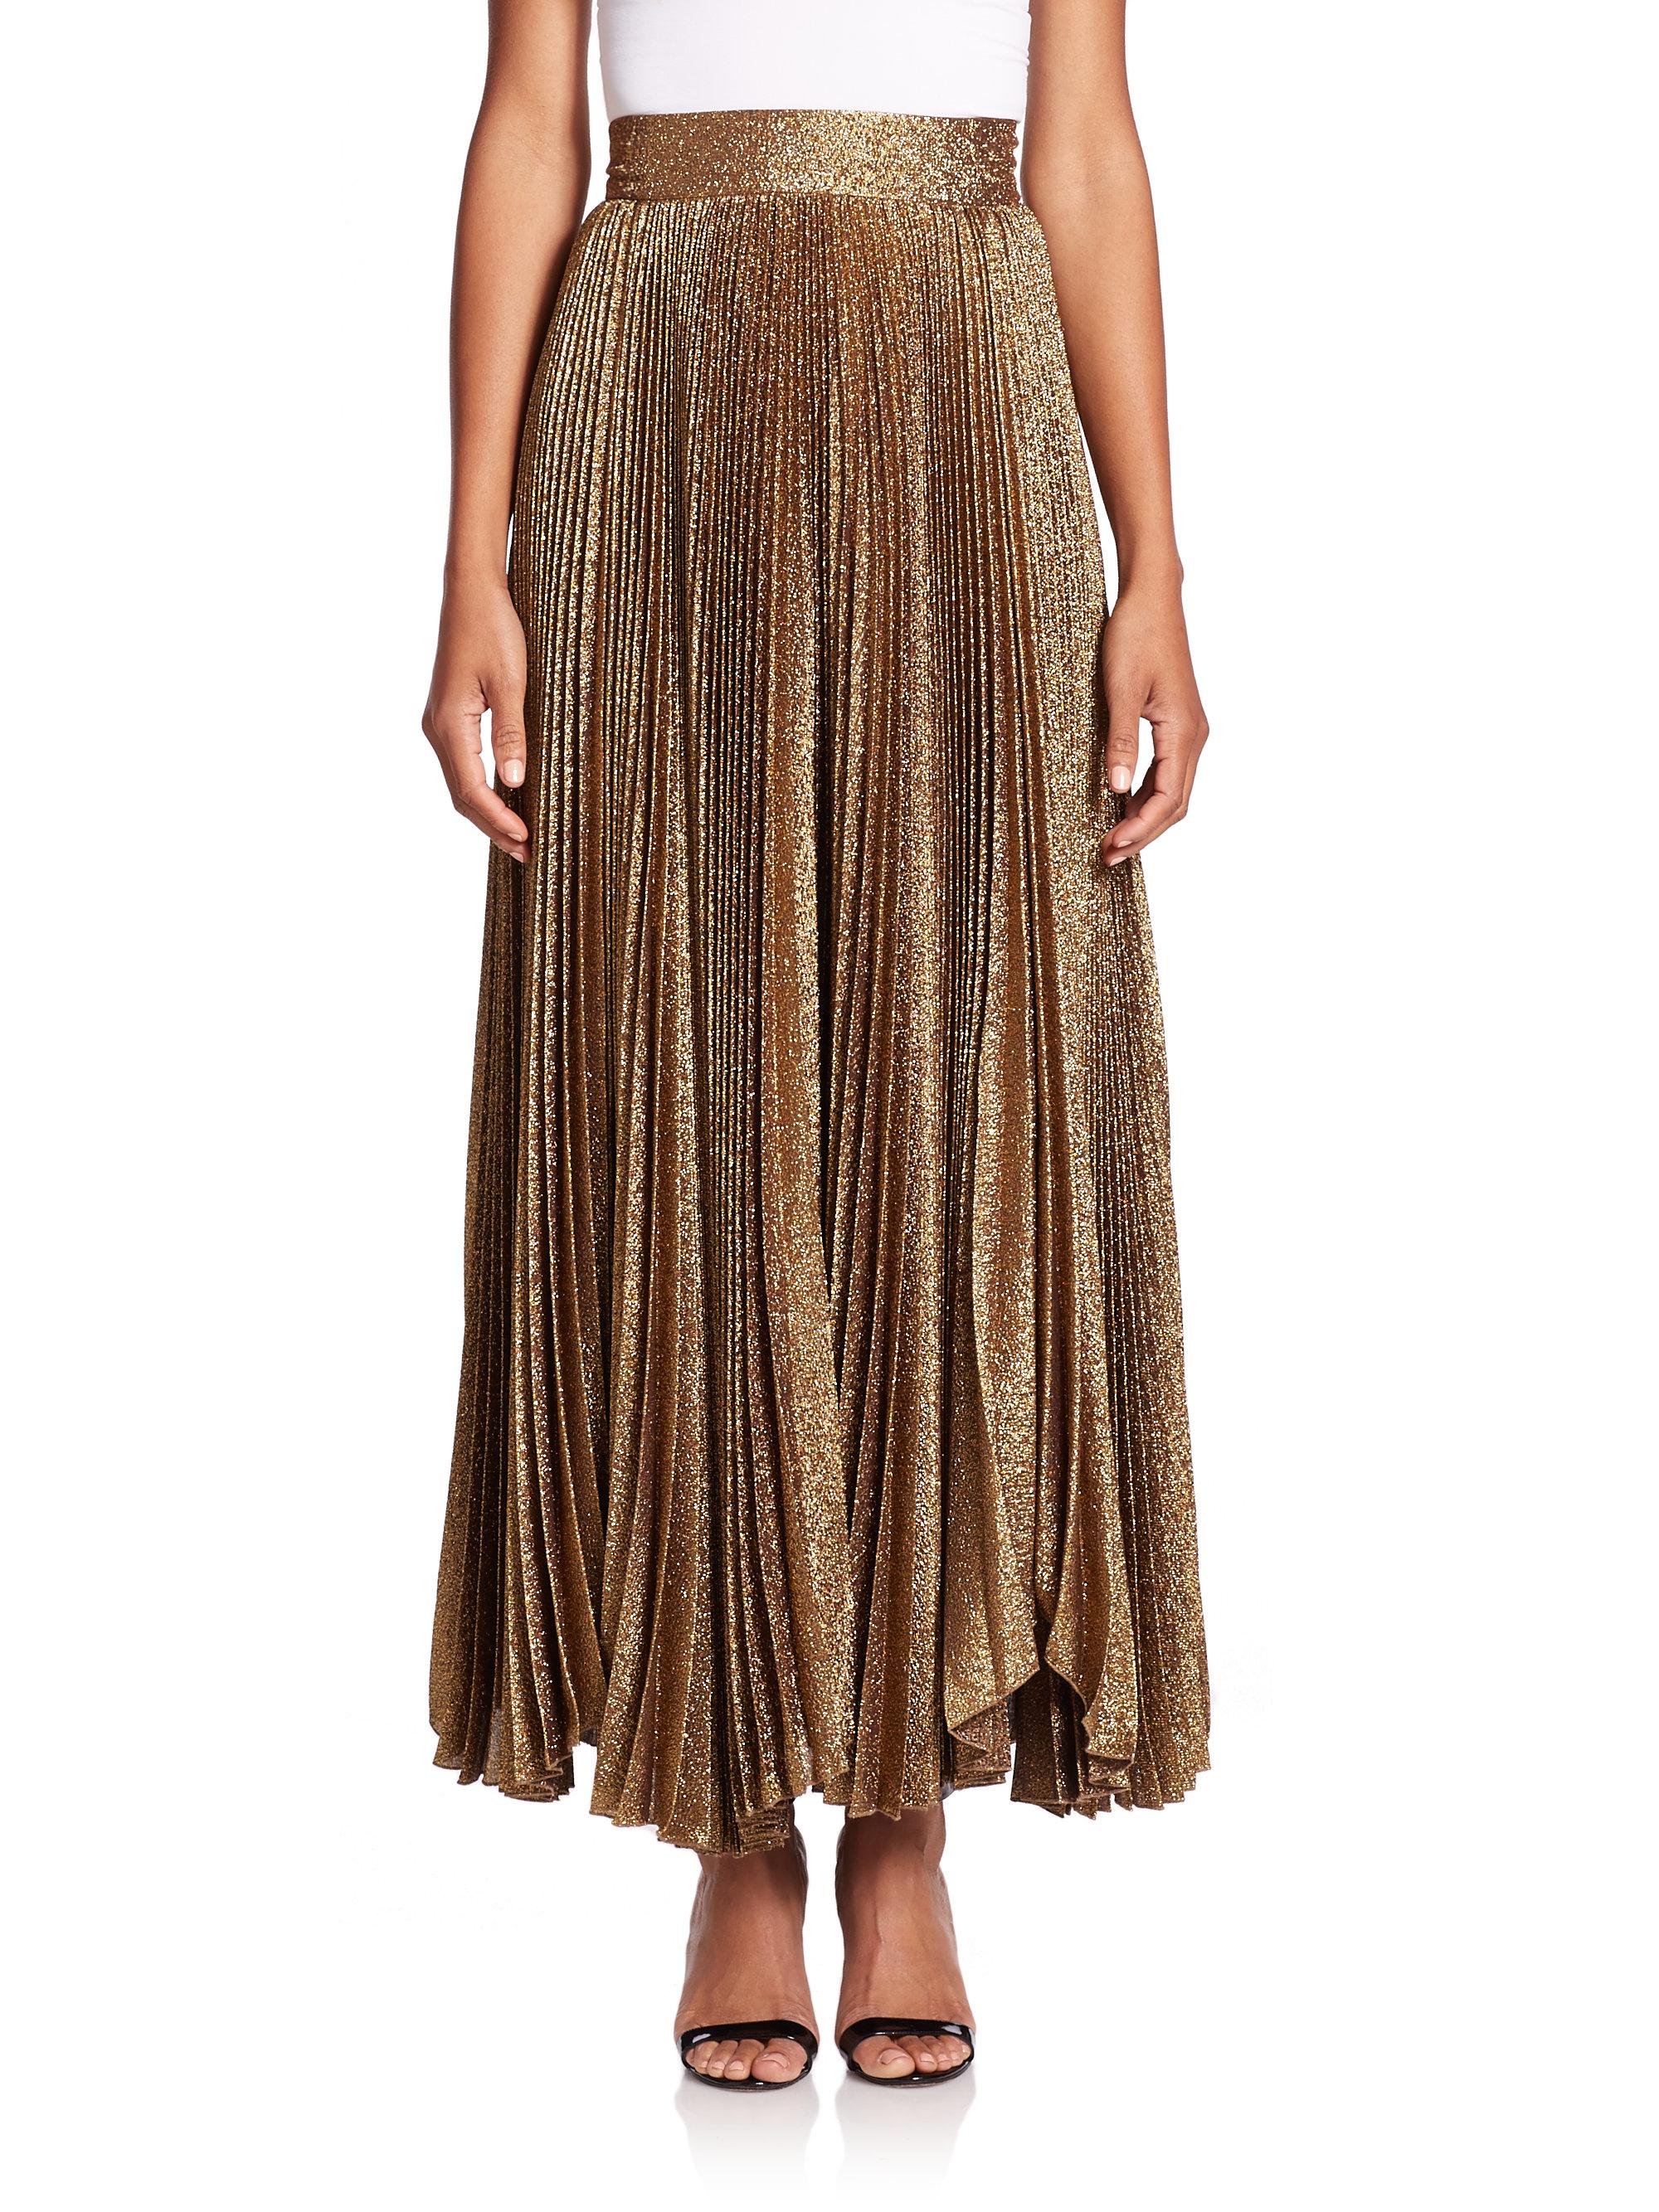 katz sunburst pleated maxi skirt in